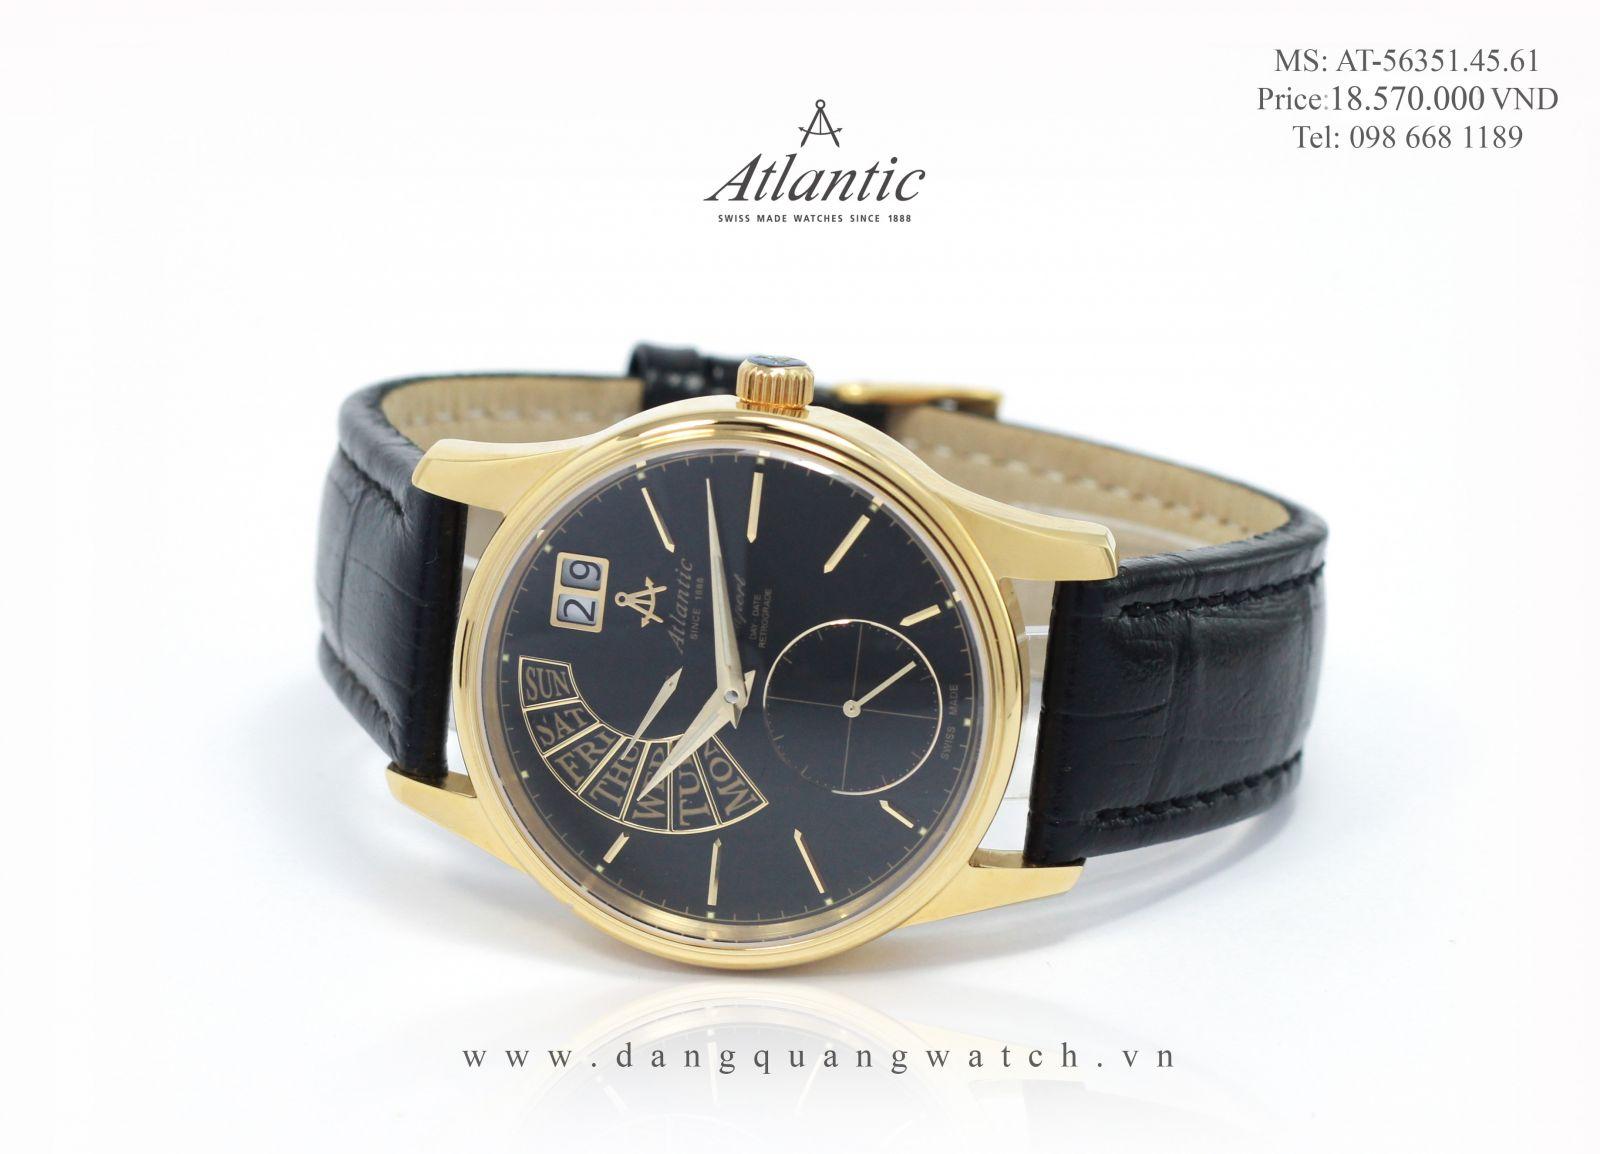 dong ho atlantic 56351.45.61